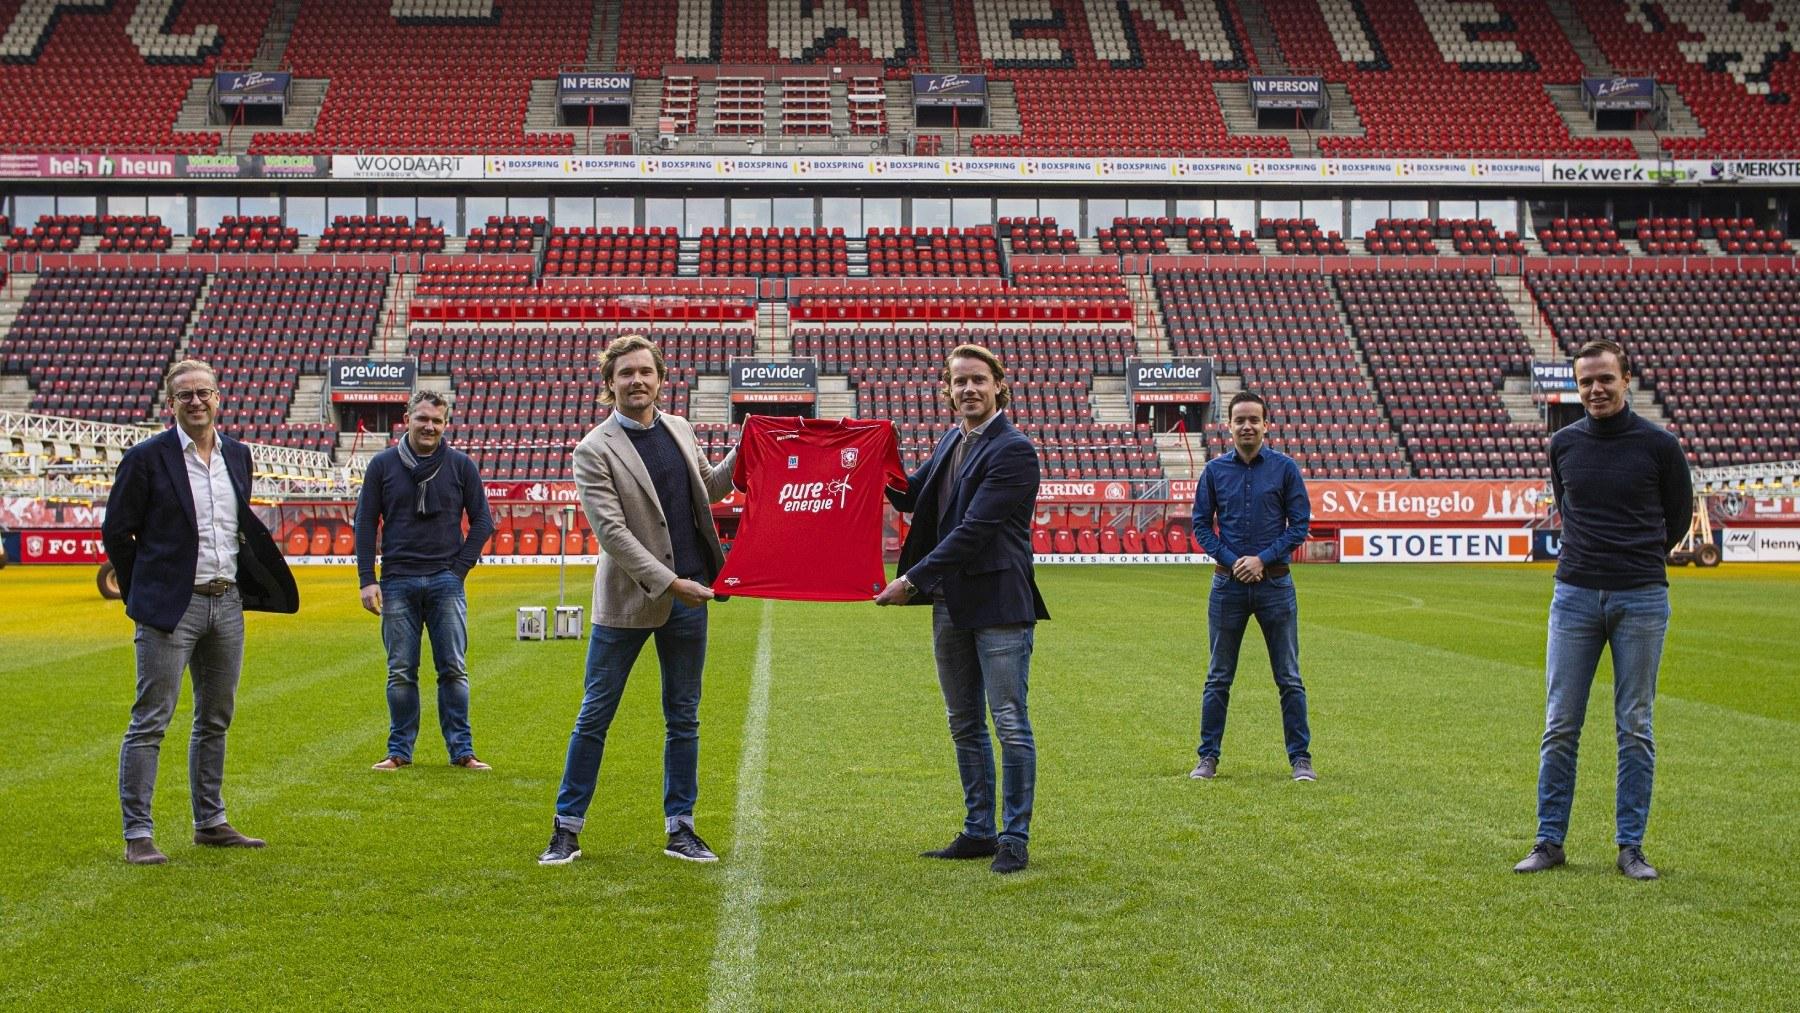 Trots, wij zijn digitaal partner van FC Twente!